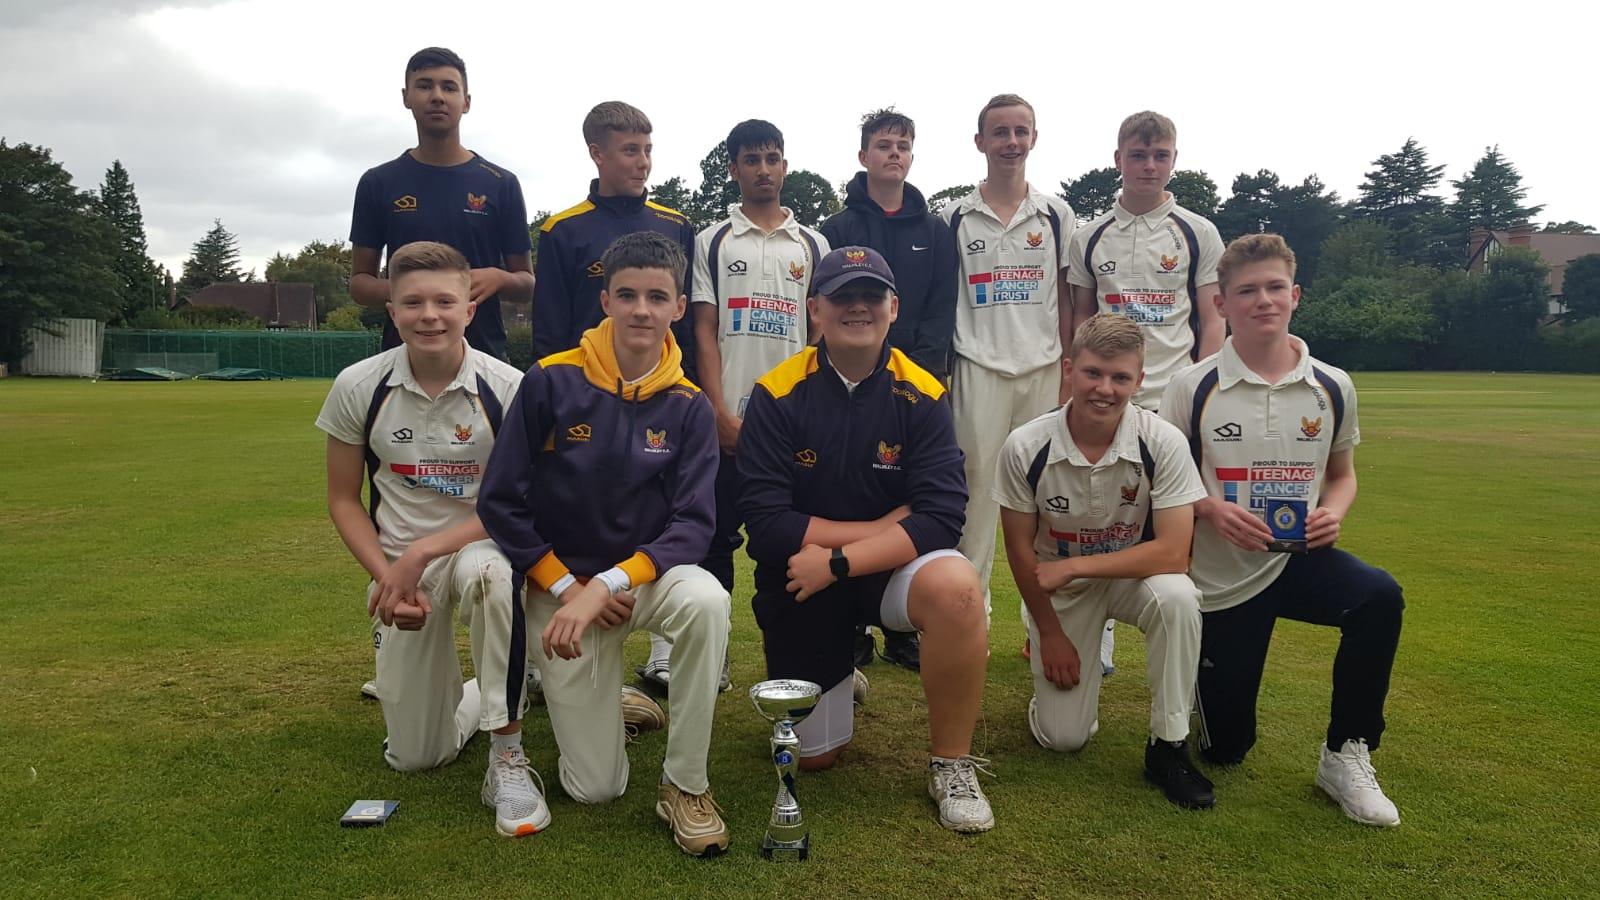 U15Bs Warwickshire Cup Champions